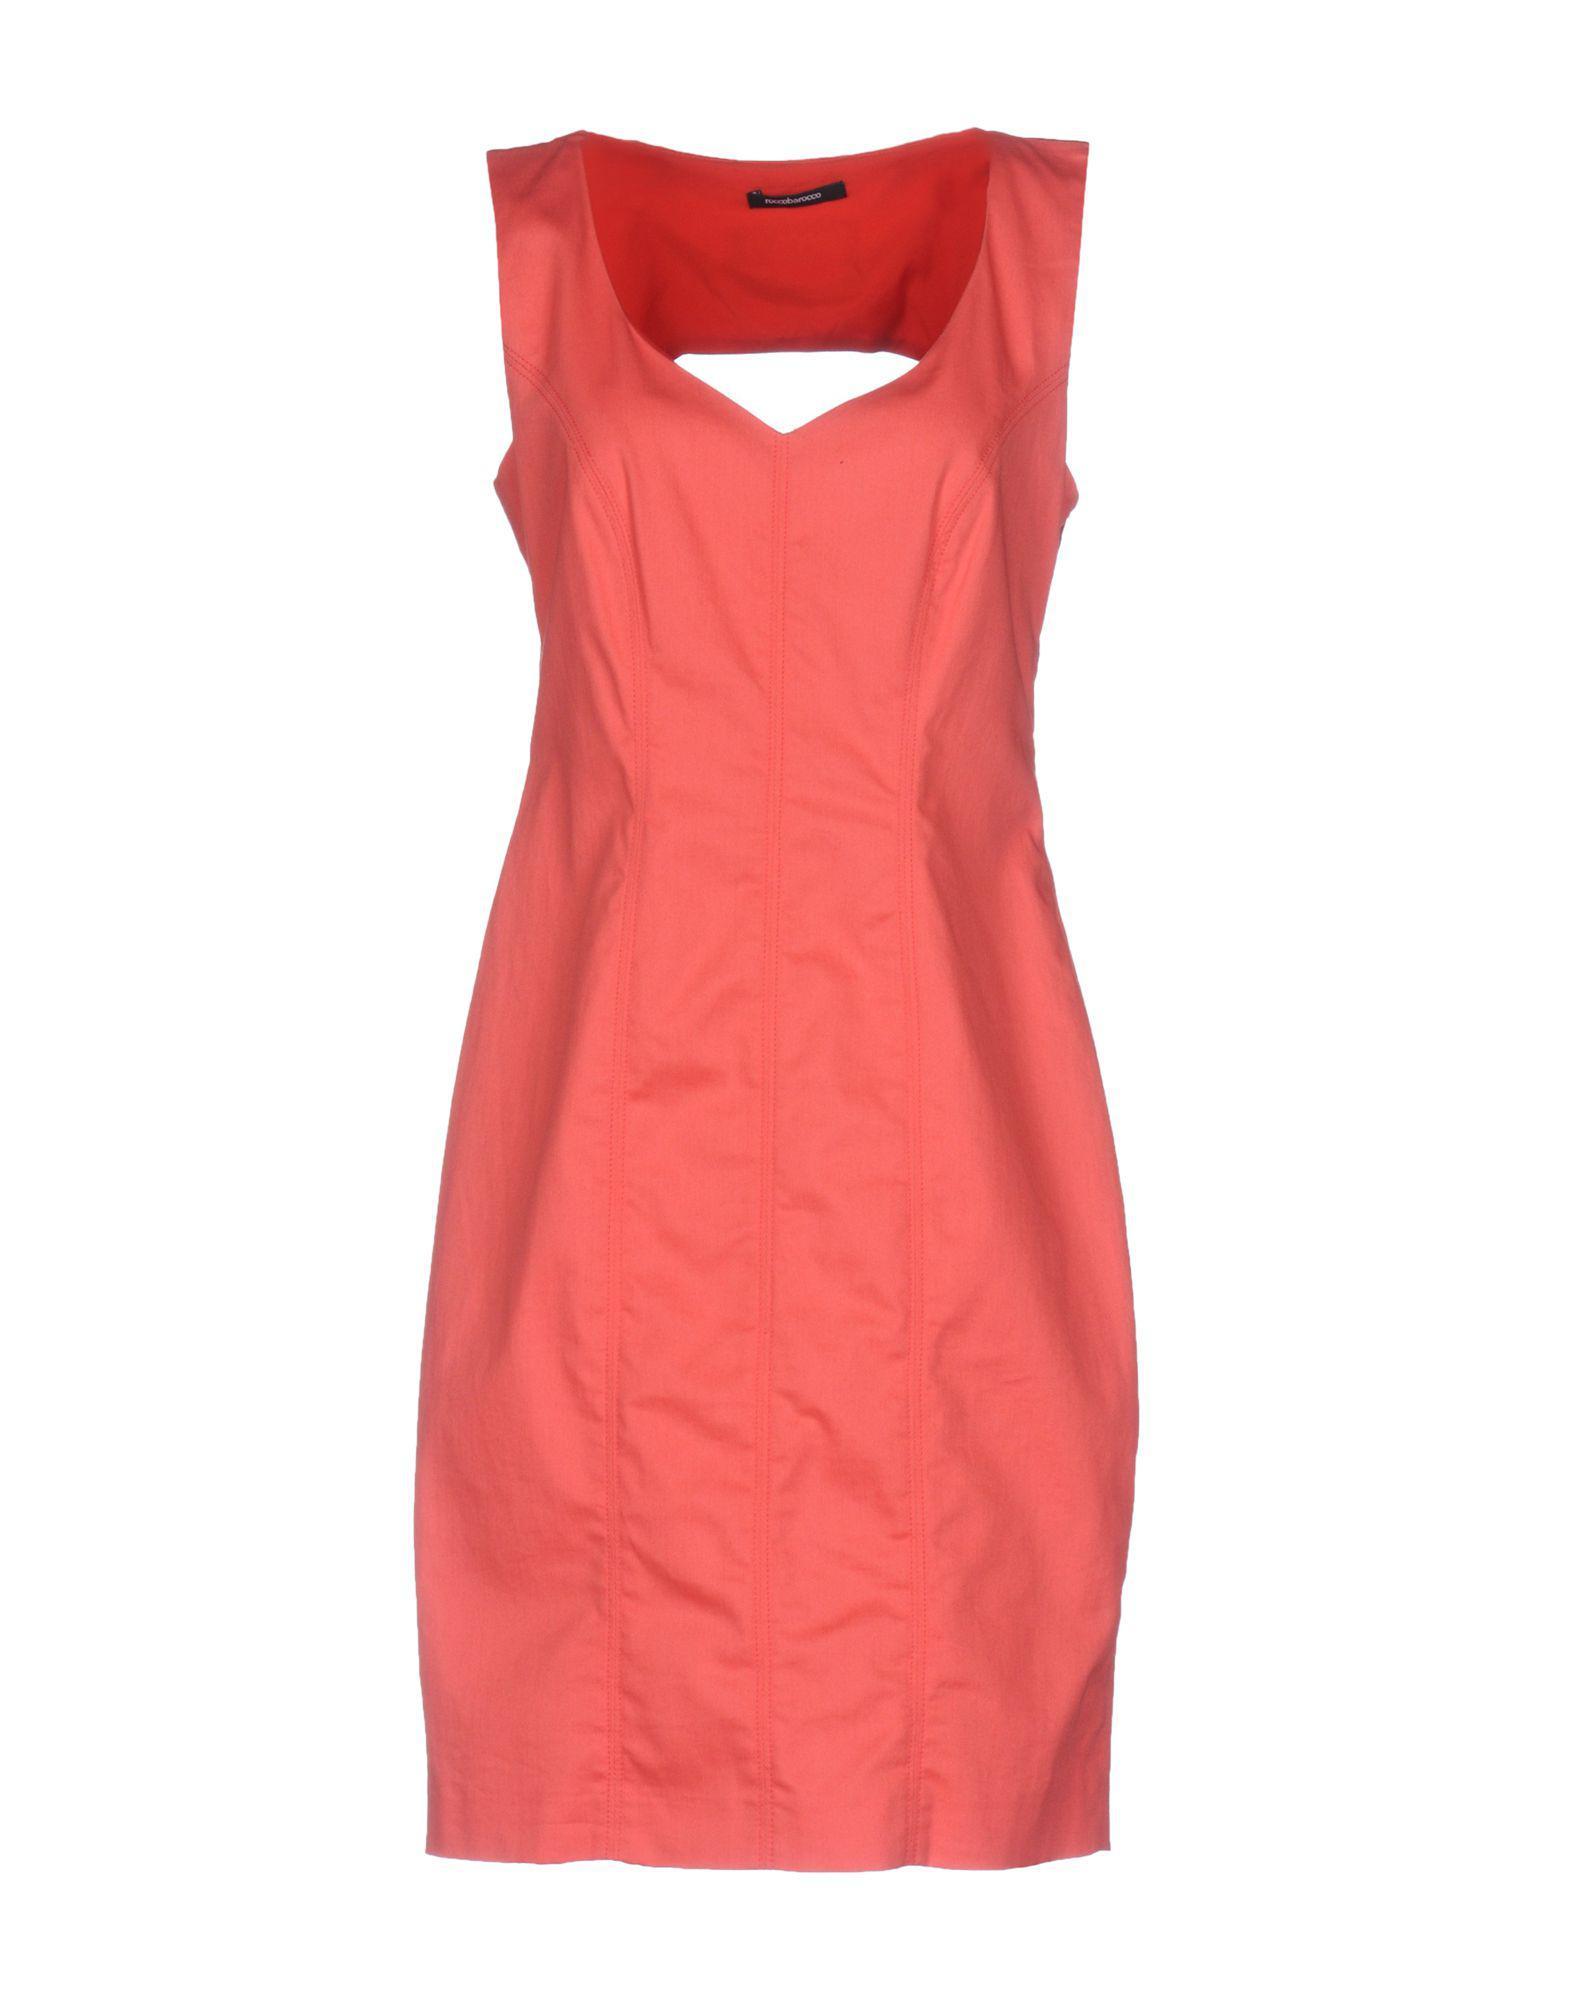 Rocco Barocco - Pink Short Dress - Lyst. View fullscreen a144ca920bc